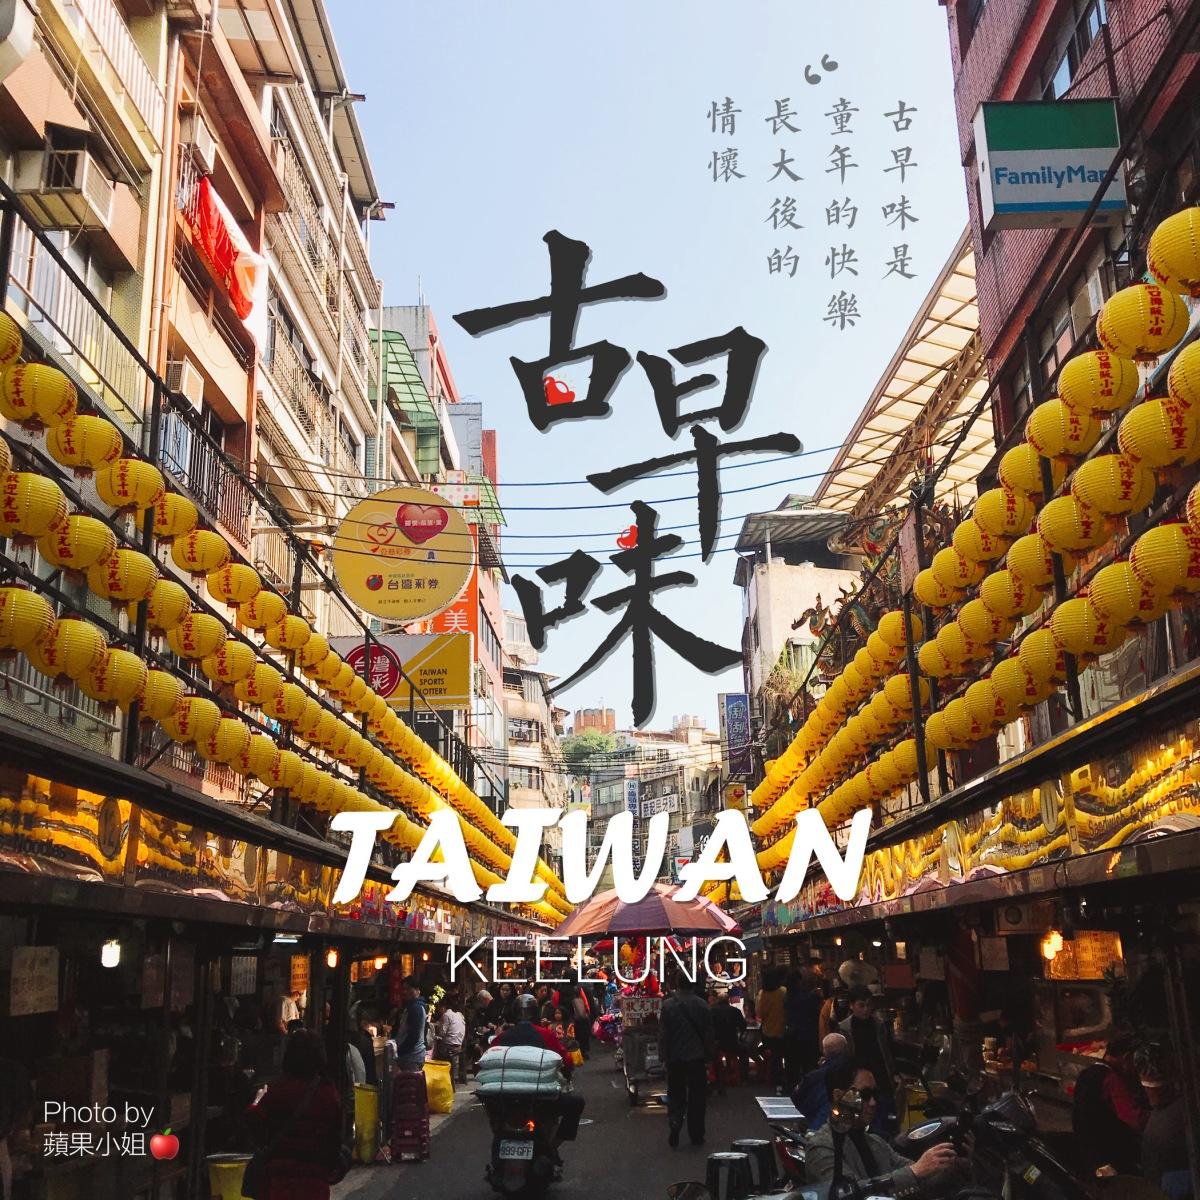 台灣|基隆廟口・古早味小吃夜市